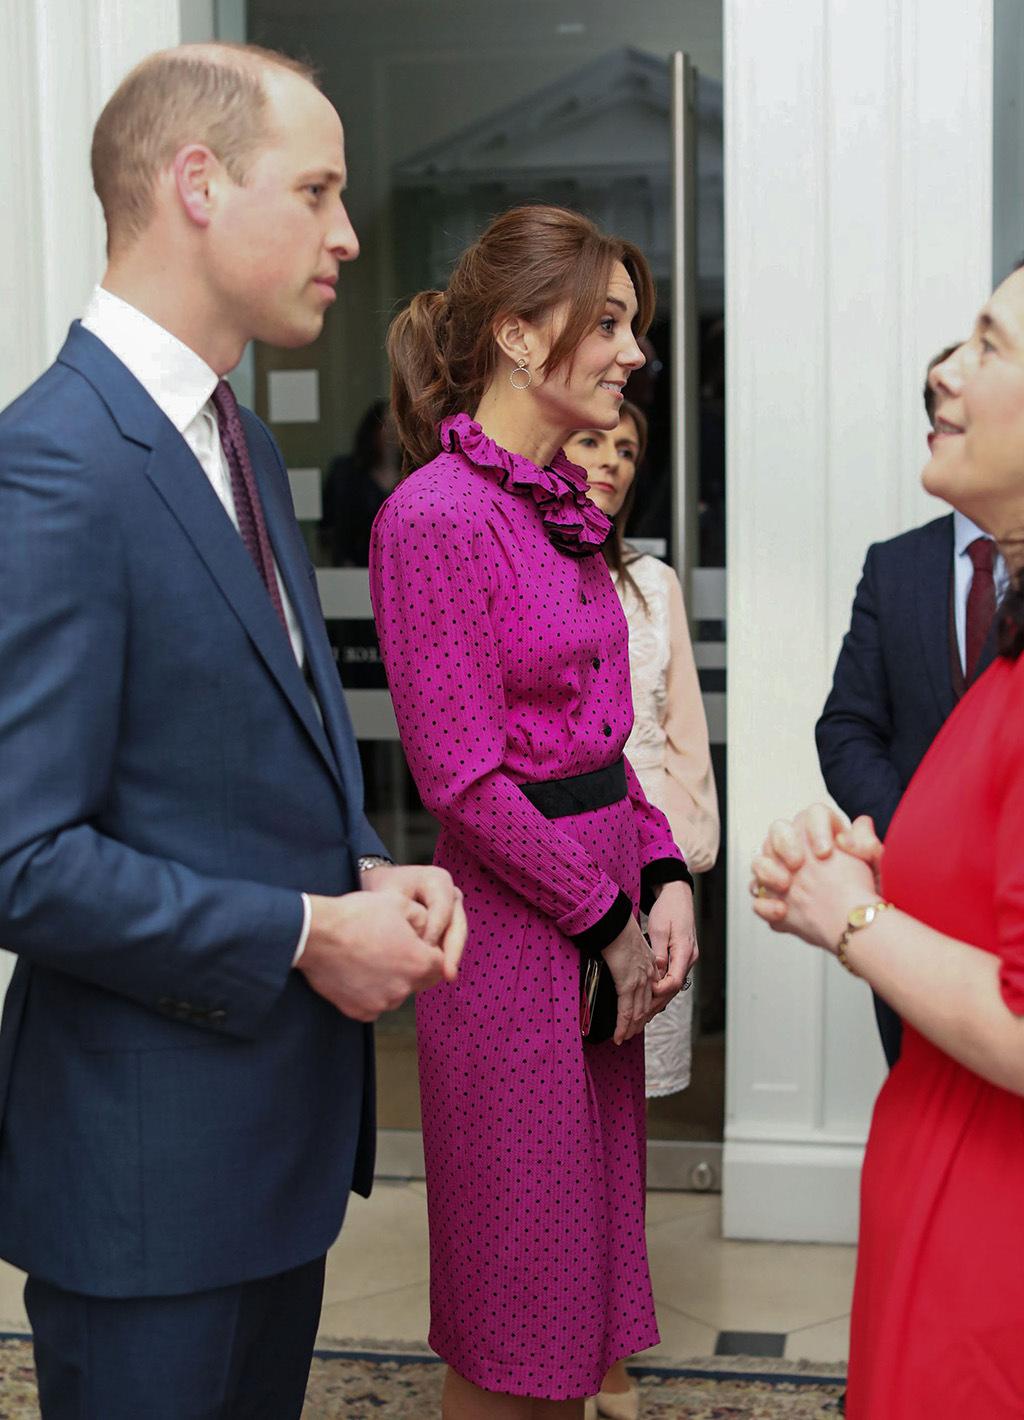 """Công nương Kate """"hạ đo ván"""" Meghan khi lần đầu tiên diện bộ đồ cũ đặc biệt, đẹp chẳng kém mẹ chồng Diana khi xưa - Ảnh 2."""